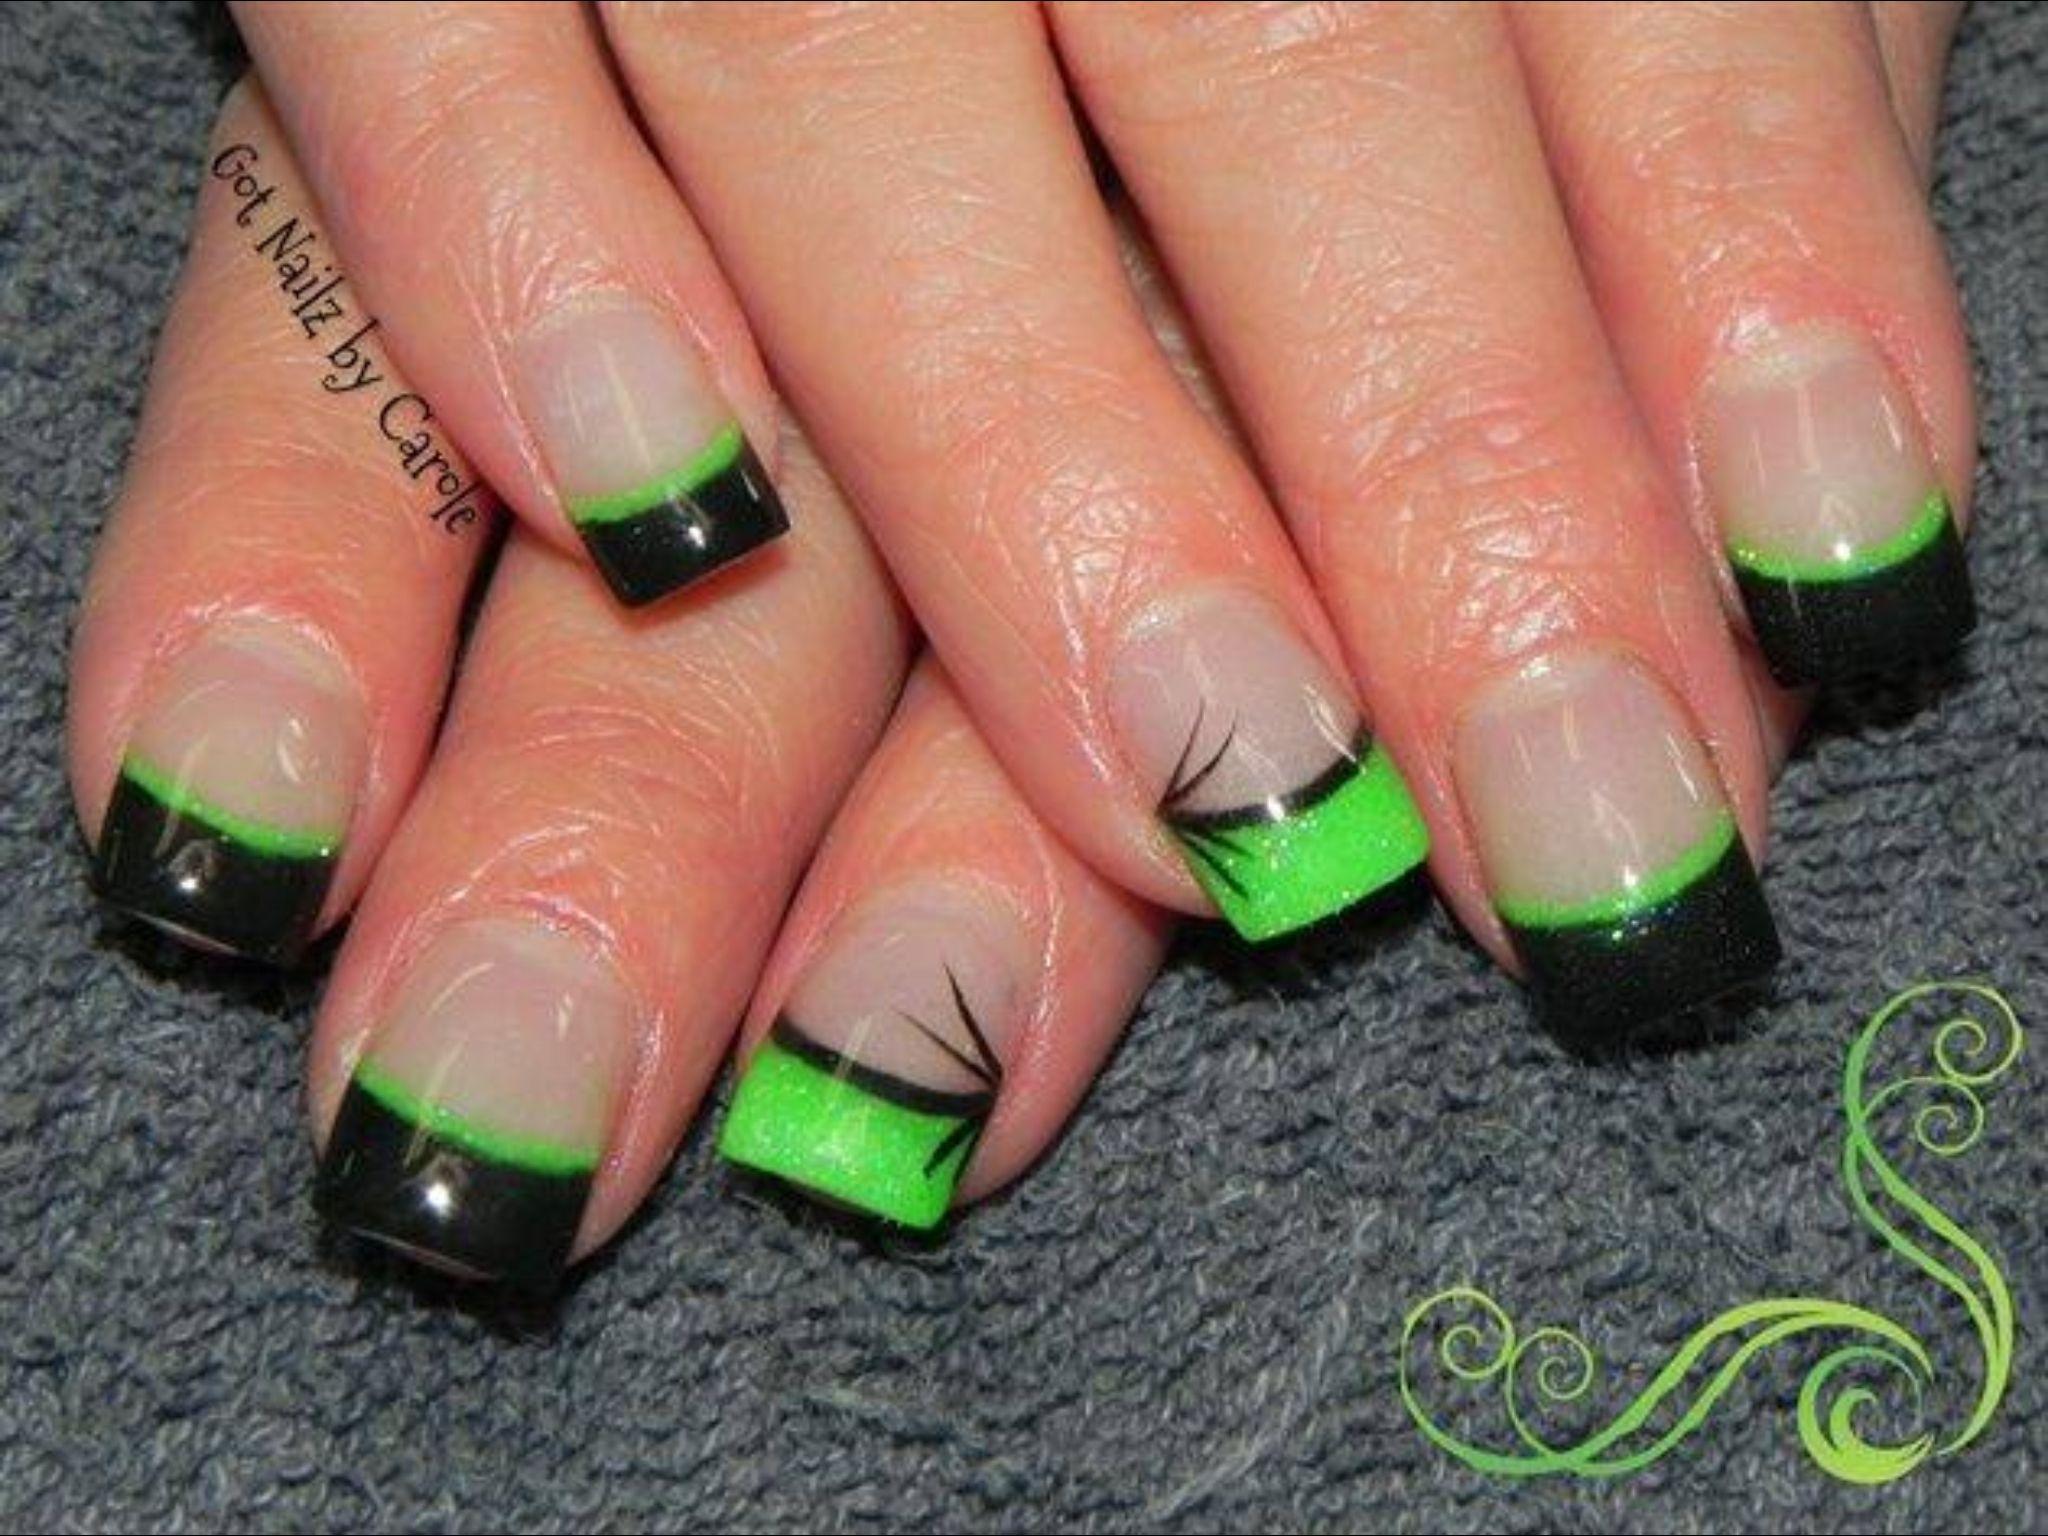 green and black nail art nails